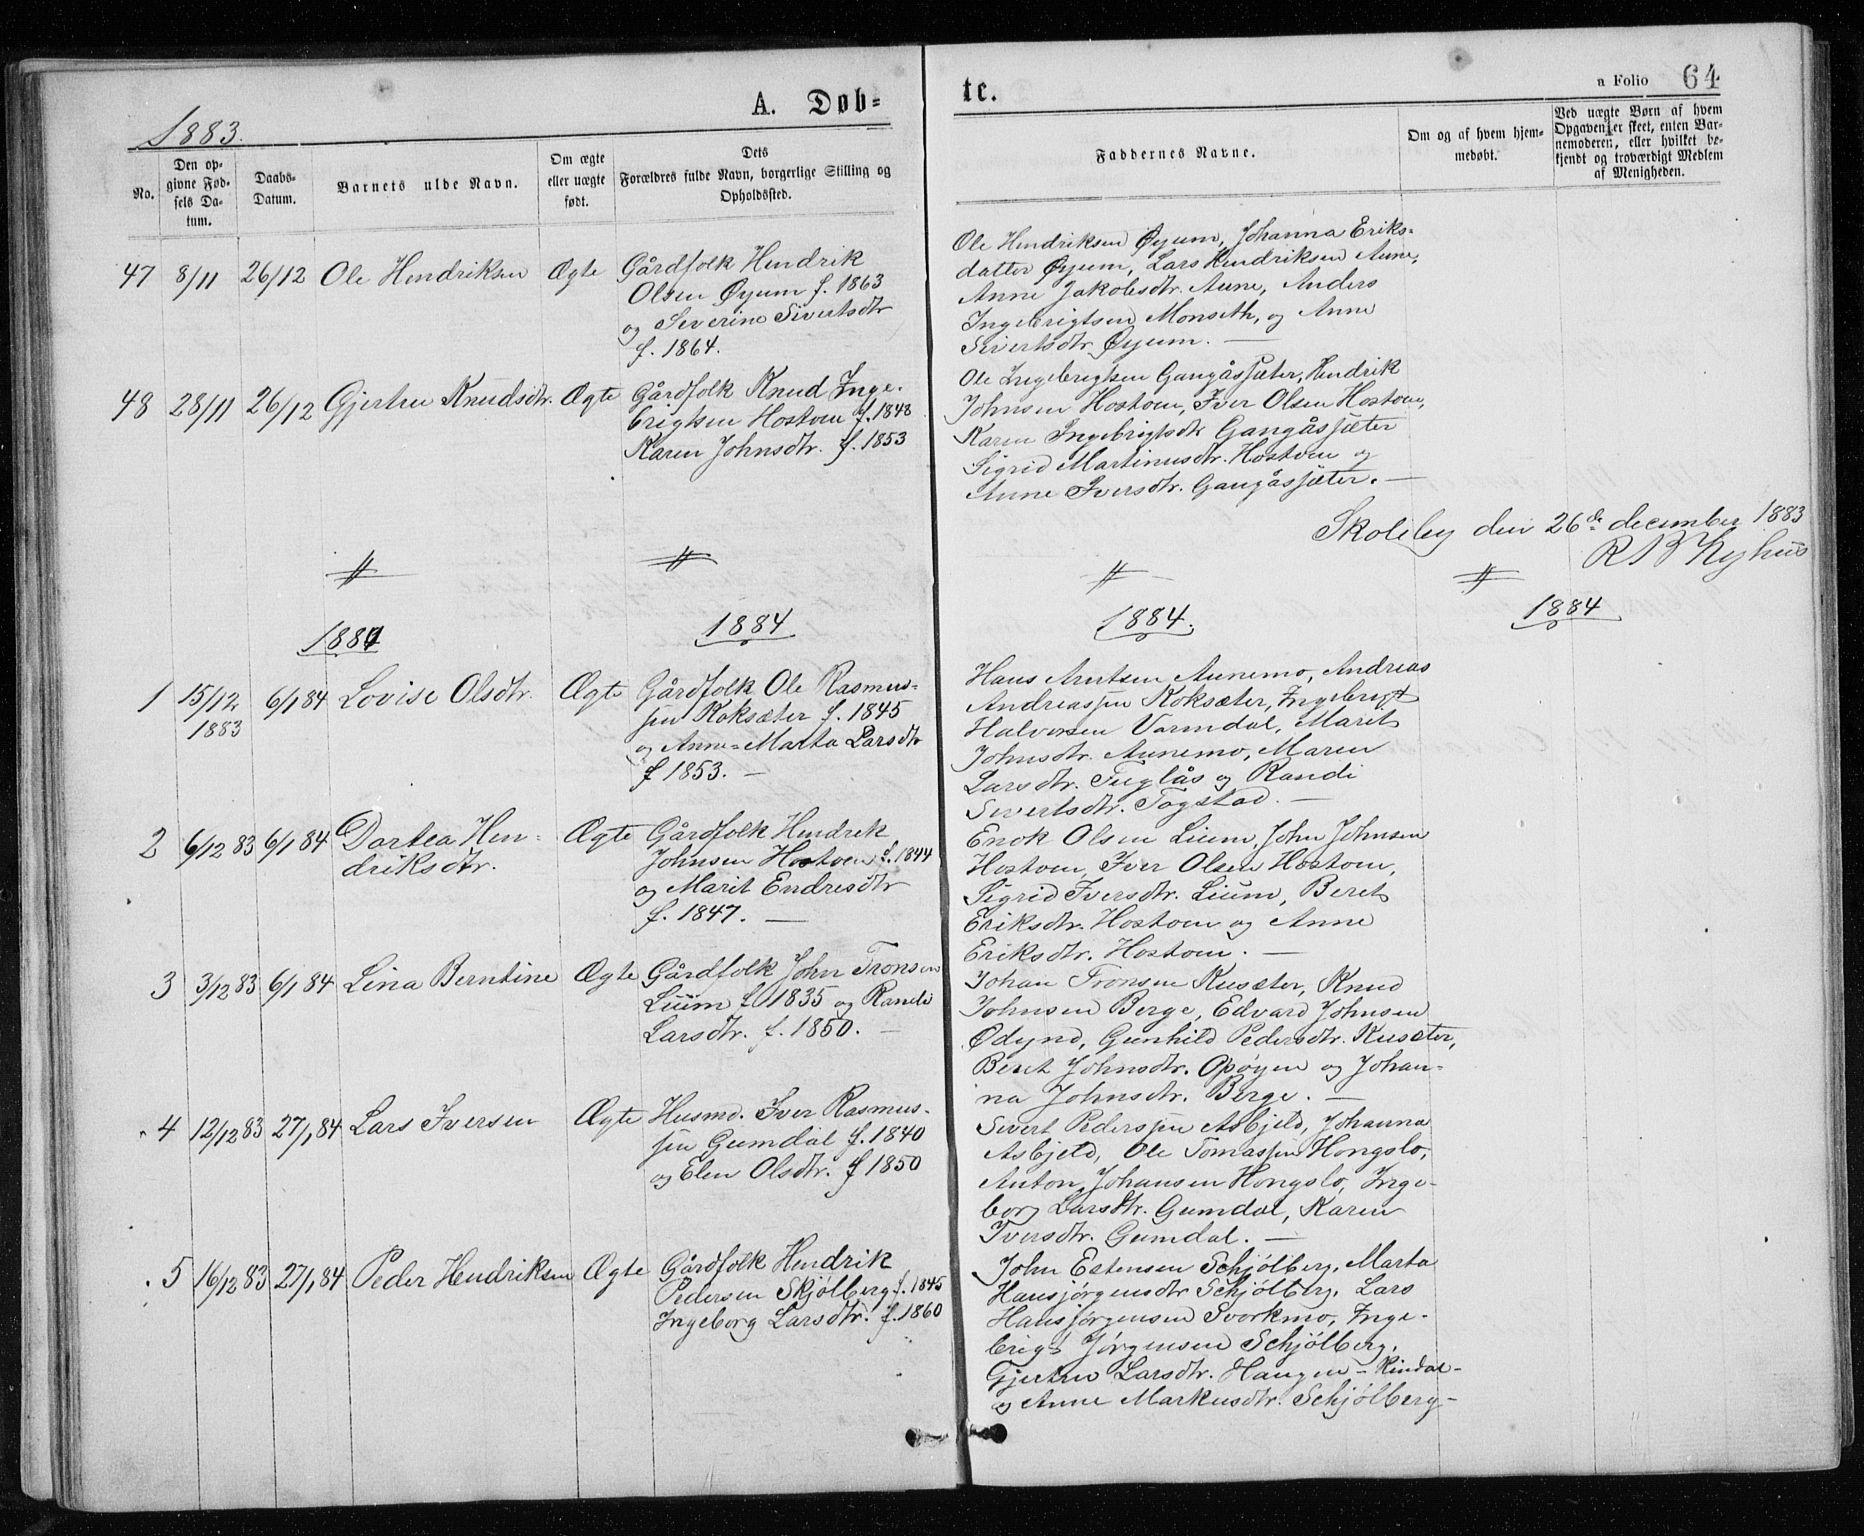 SAT, Ministerialprotokoller, klokkerbøker og fødselsregistre - Sør-Trøndelag, 671/L0843: Klokkerbok nr. 671C02, 1873-1892, s. 64